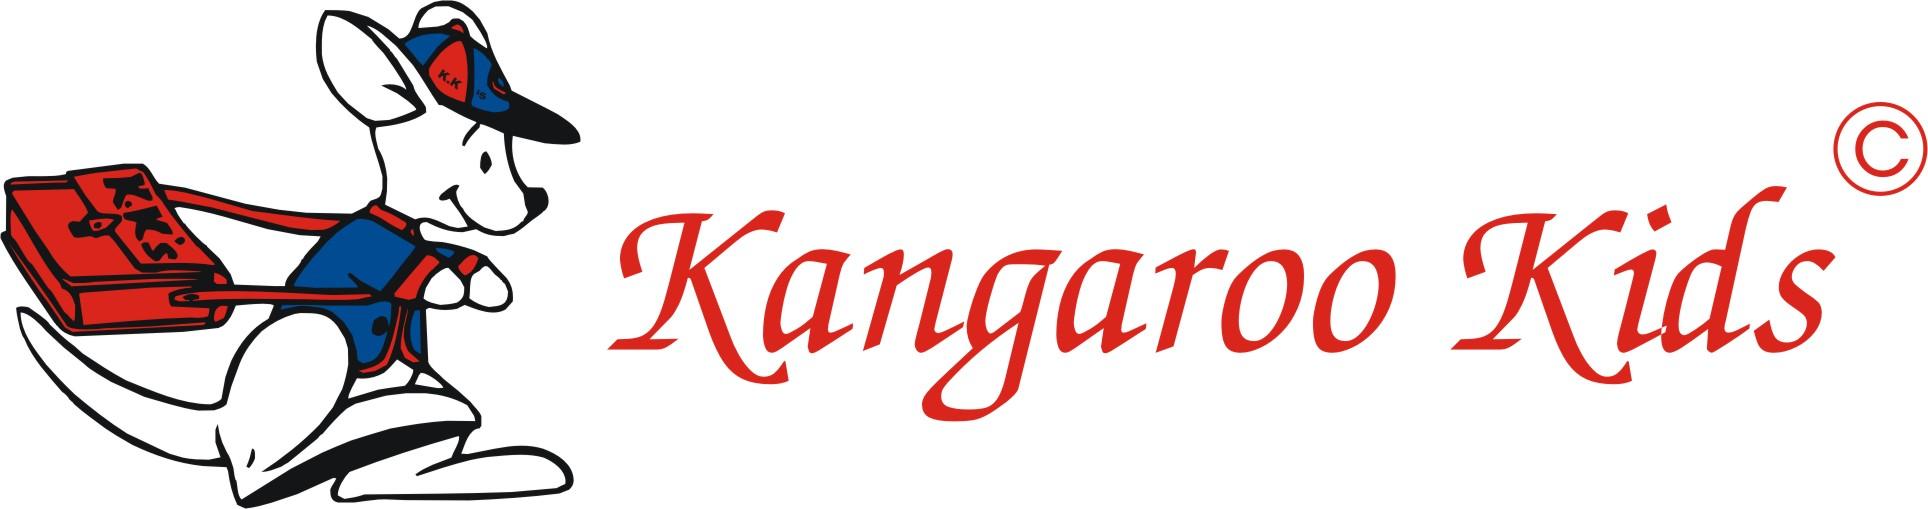 Kangaroo Kids - Powai - Mumbai Image